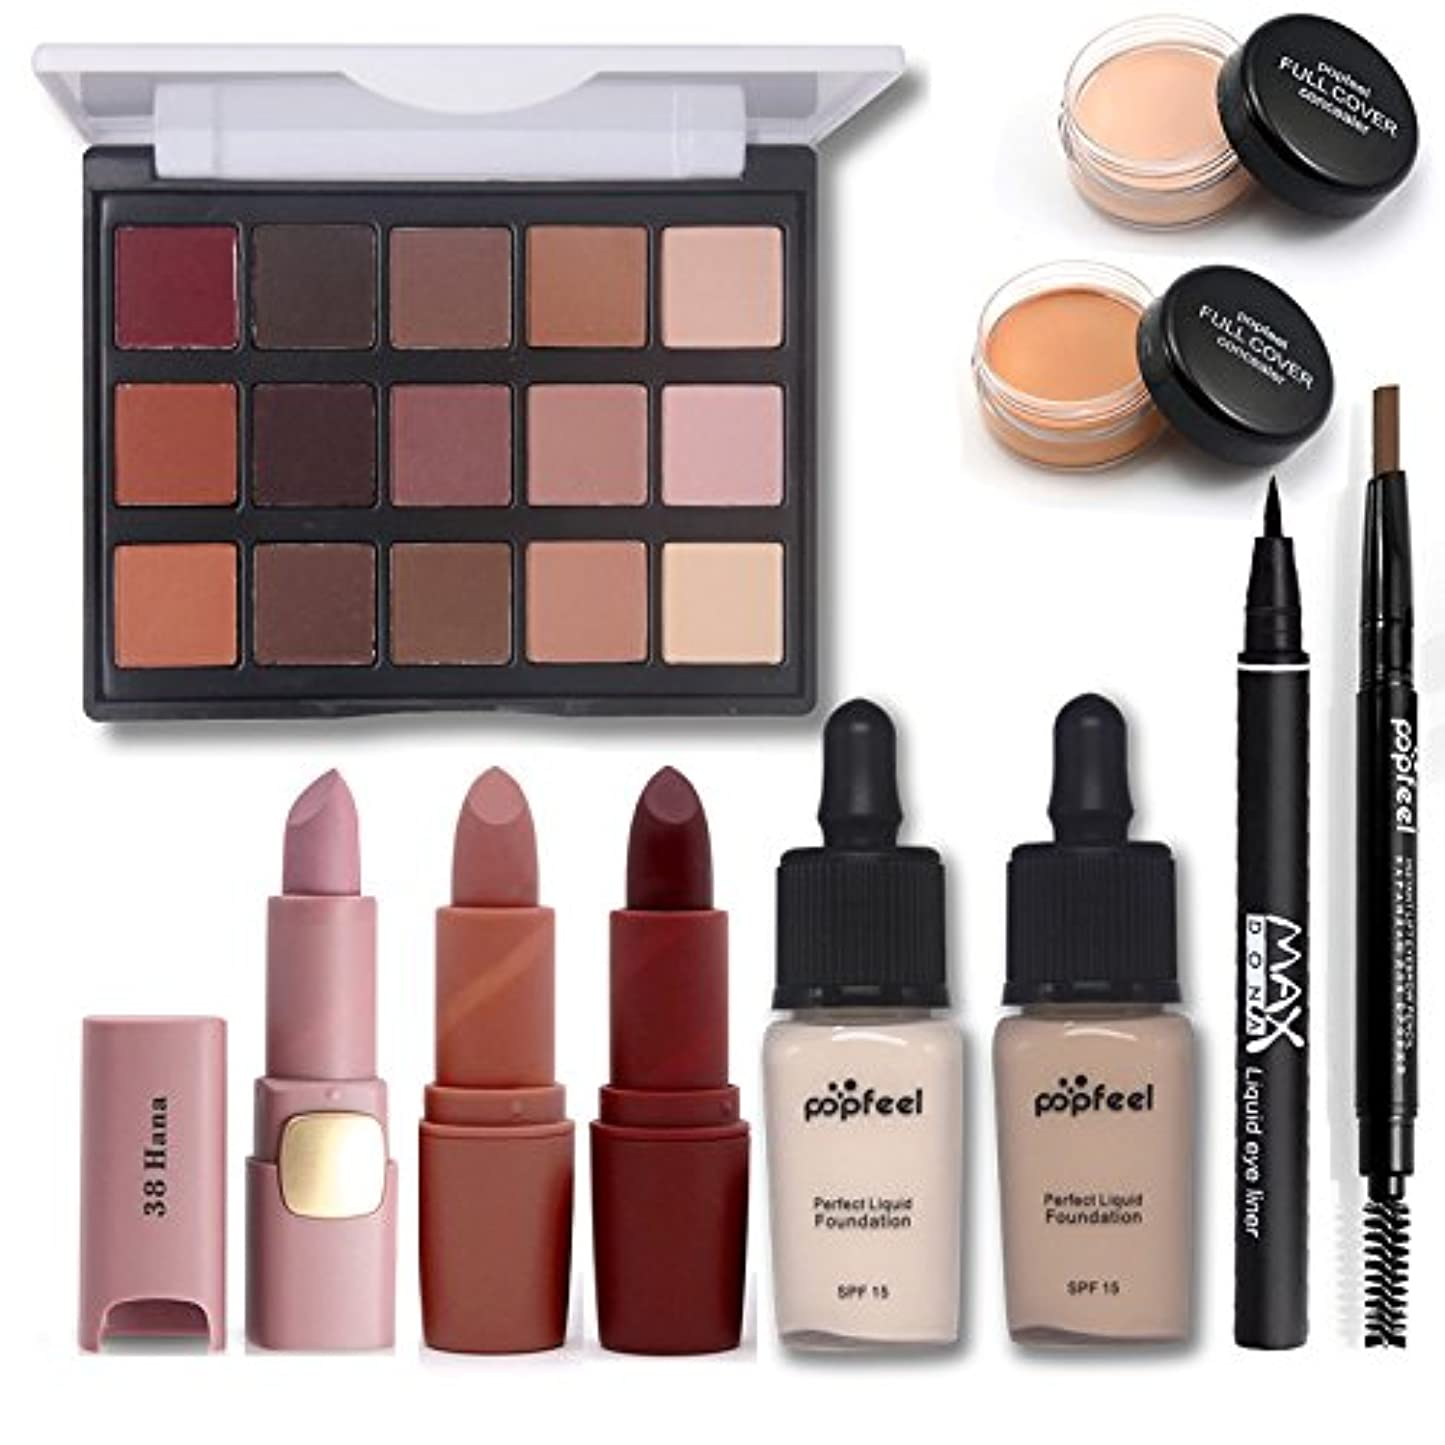 補充振るアカデミックMakup Tool Kit Including Matte Eyeshadow Lipstick Foundation Concealer Eyebrow Pencil Eyeliner Makeup Set Cosmetic Kit Maquiagem